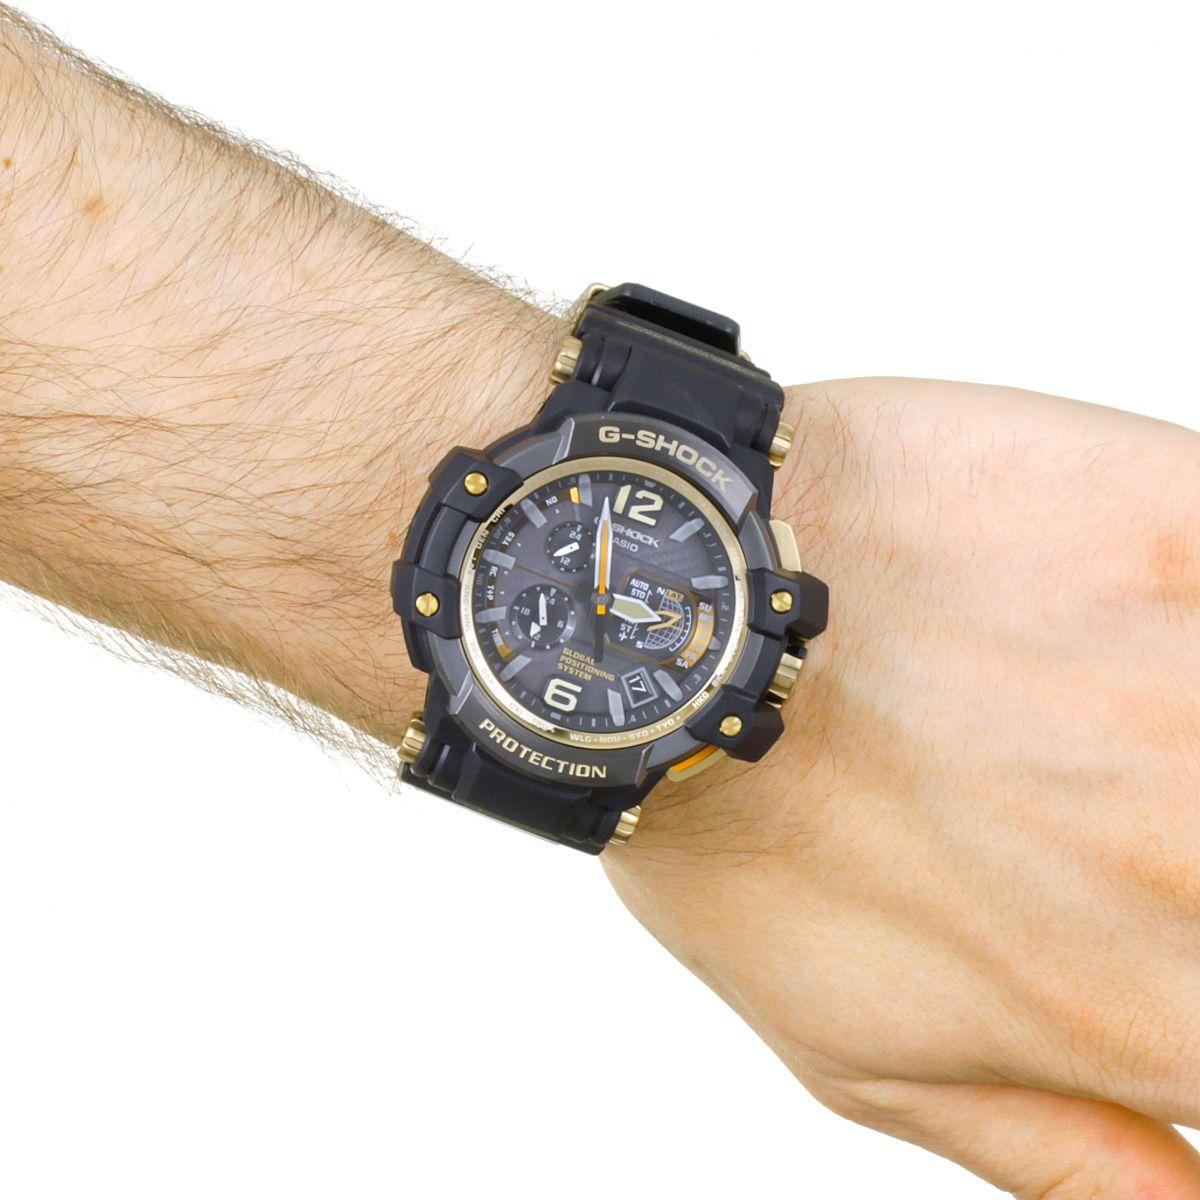 Montre Casio Couleur Or pour hommes casio g-shock premium gravitymaster noir x or alarme